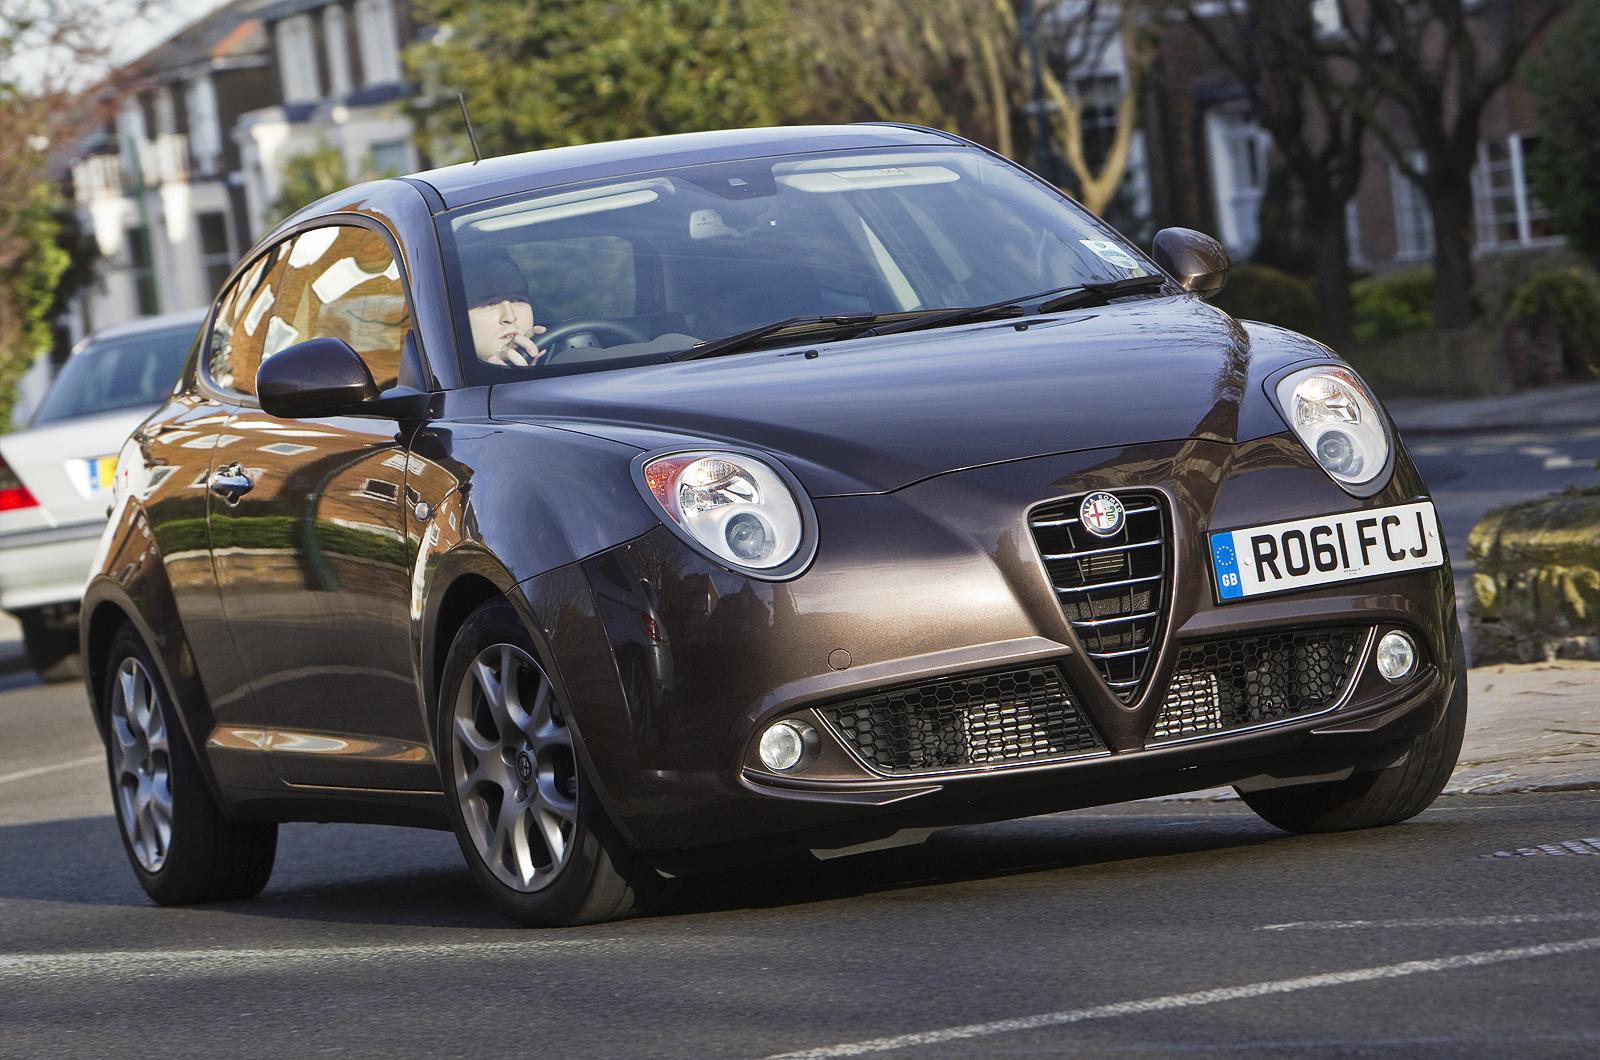 Alfa Romeo Mito 1.3 JTDm-2 Review | Autocar